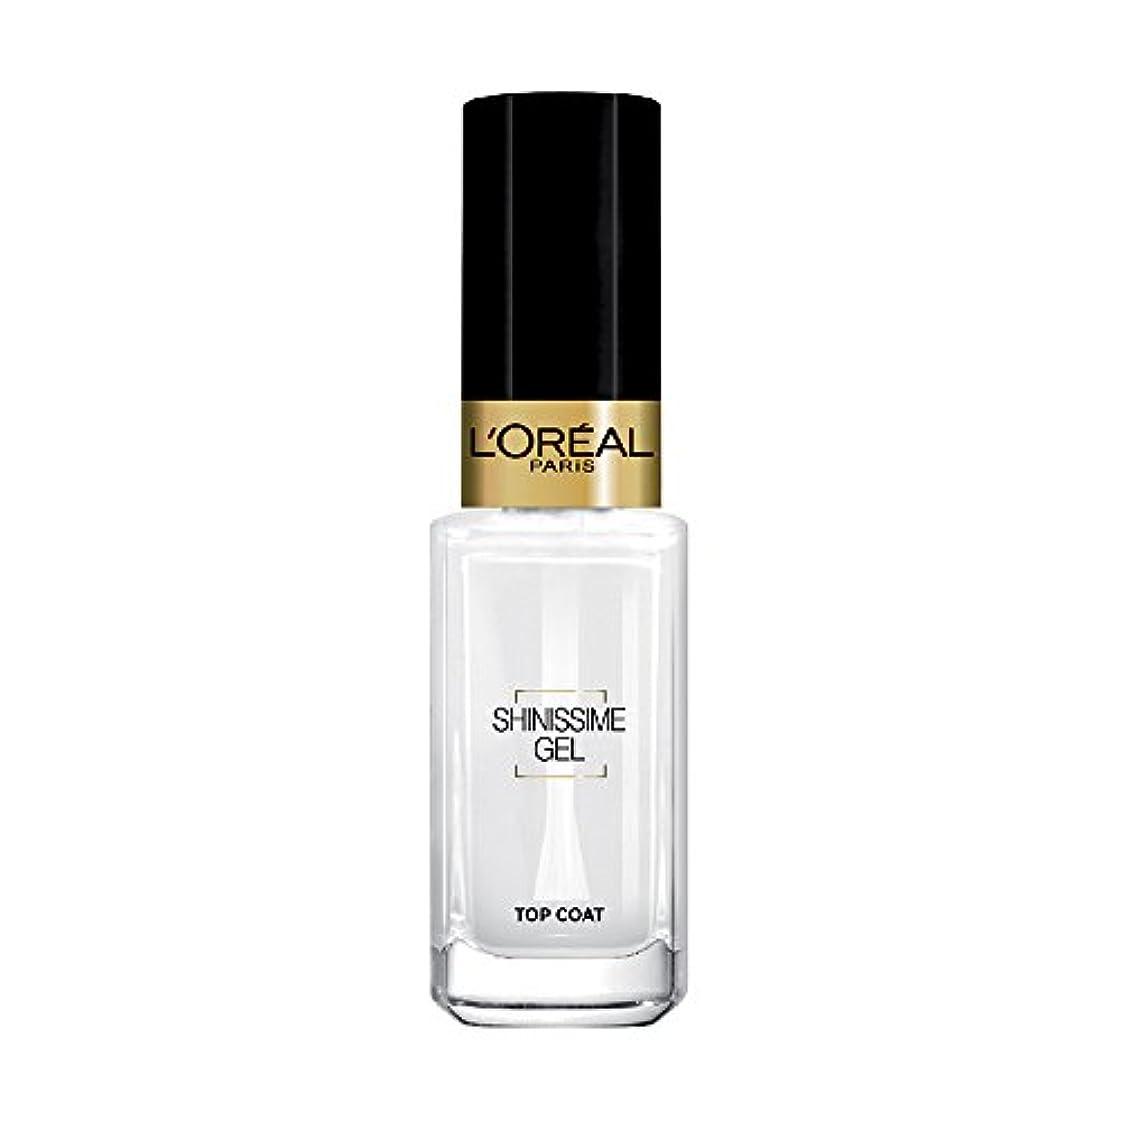 夜明けに話す拮抗L 'Oréal Paris shinissime Gel Top Coat effekt gel